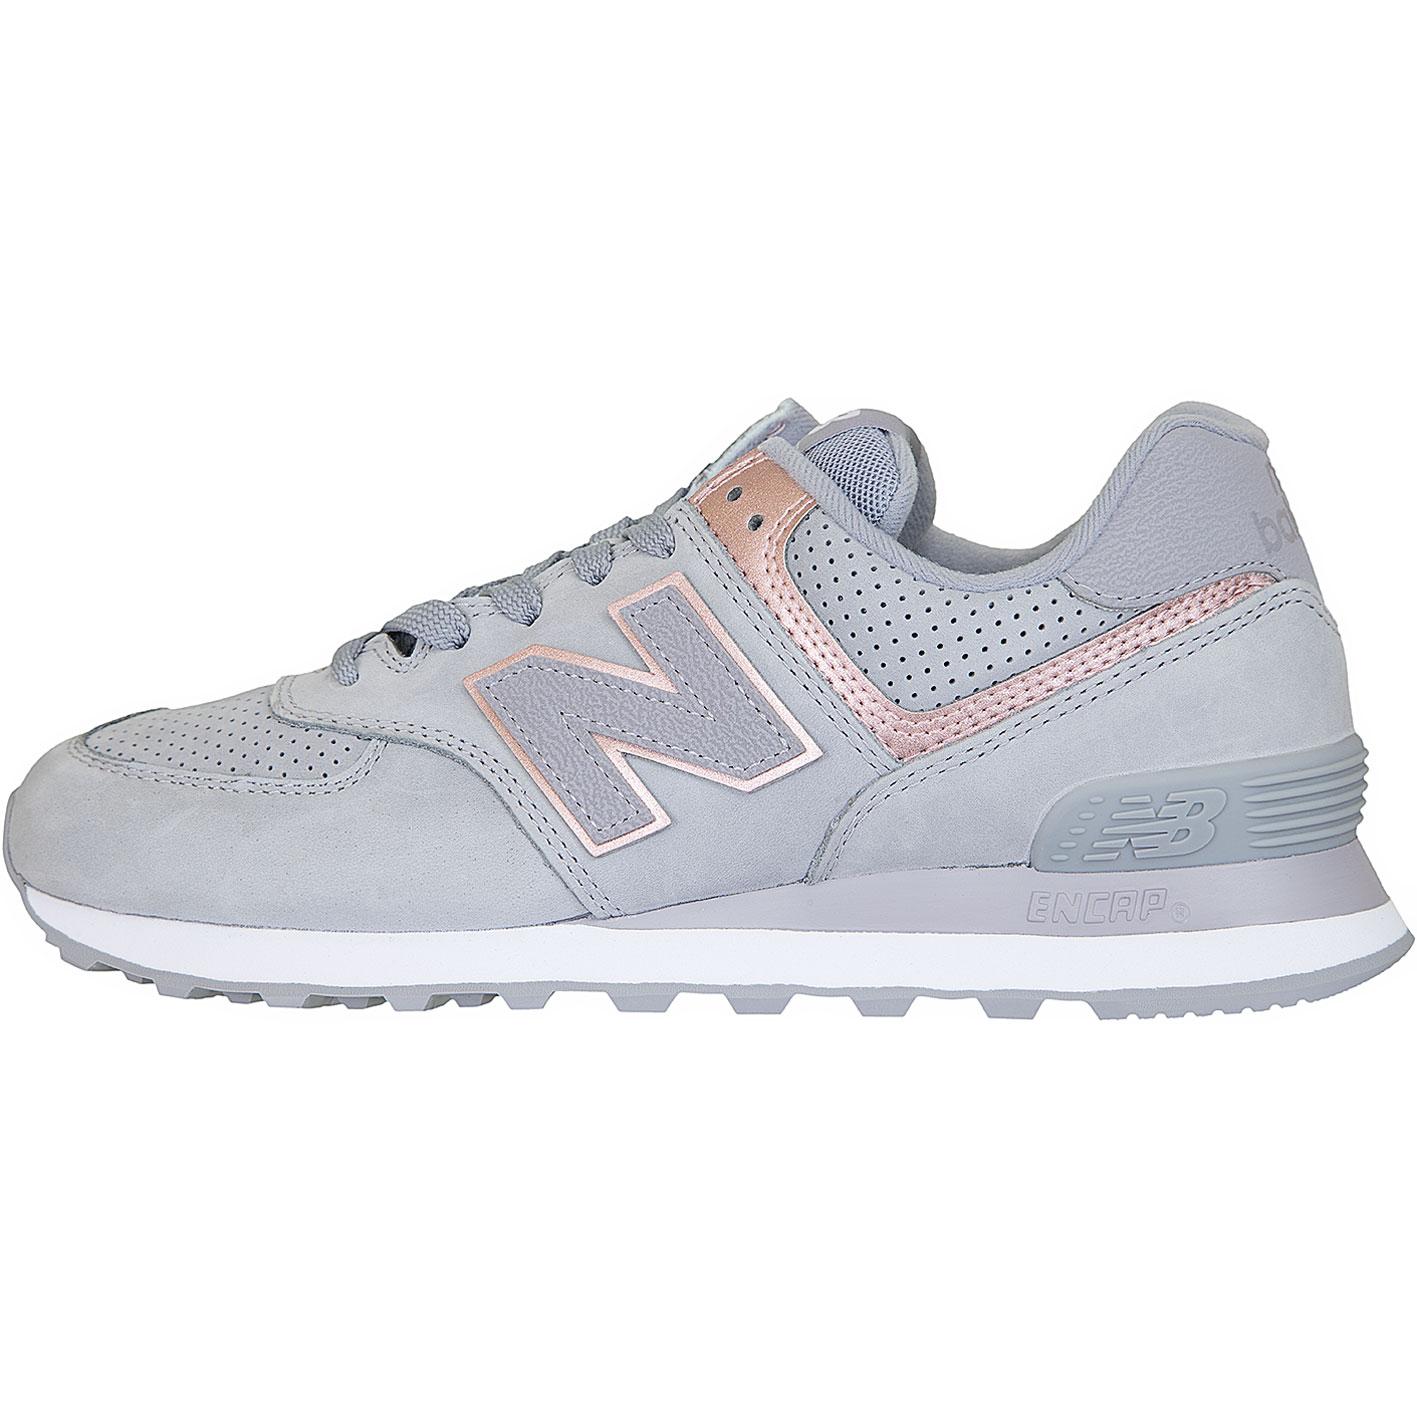 ? New balance Damen Sneaker 574 LeatherSynthetic grau